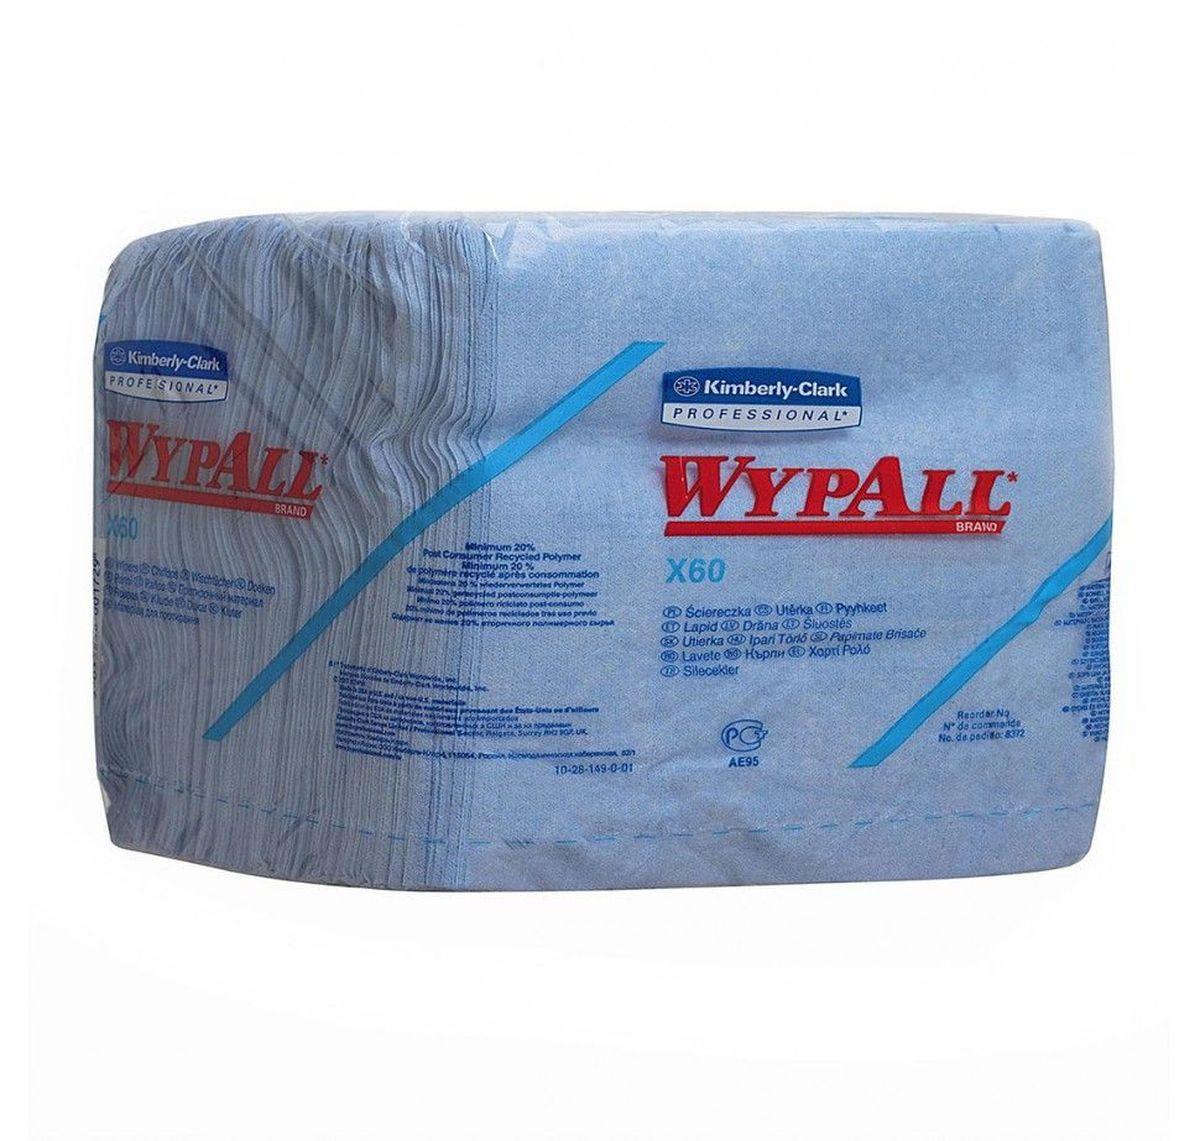 Полотенца бумажные Wypall Х60, 76 шт8372Бумажные полотенца Wypall Х60 обладают отличной впитывающей способностью, долговечностью и прочностью, как в сухом, так и во влажном состоянии. Полотенца могут использоваться с большинством растворителей, обеспечивают быструю очистку и помогают сократить расходы. Подходят для работы по очистке от клея, масла, мусора, стекол, а также для прецизионной очистки сложных механизмов и деталей.